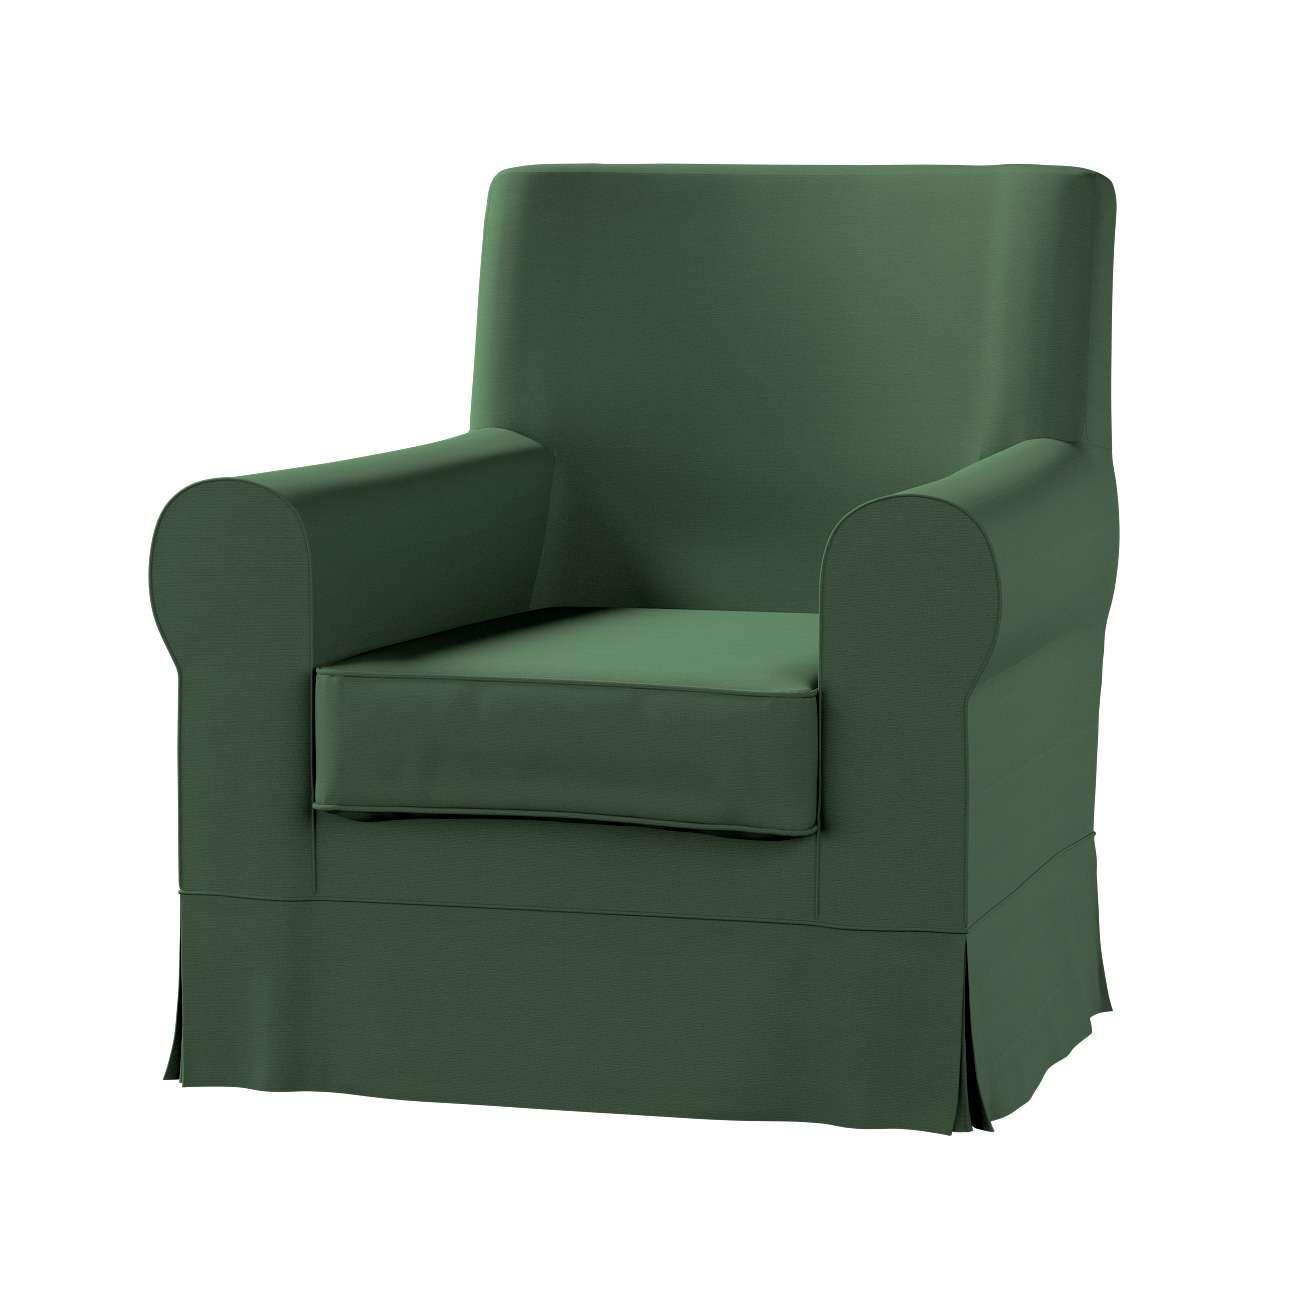 Pokrowiec na fotel Ektorp Jennylund w kolekcji Cotton Panama, tkanina: 702-06